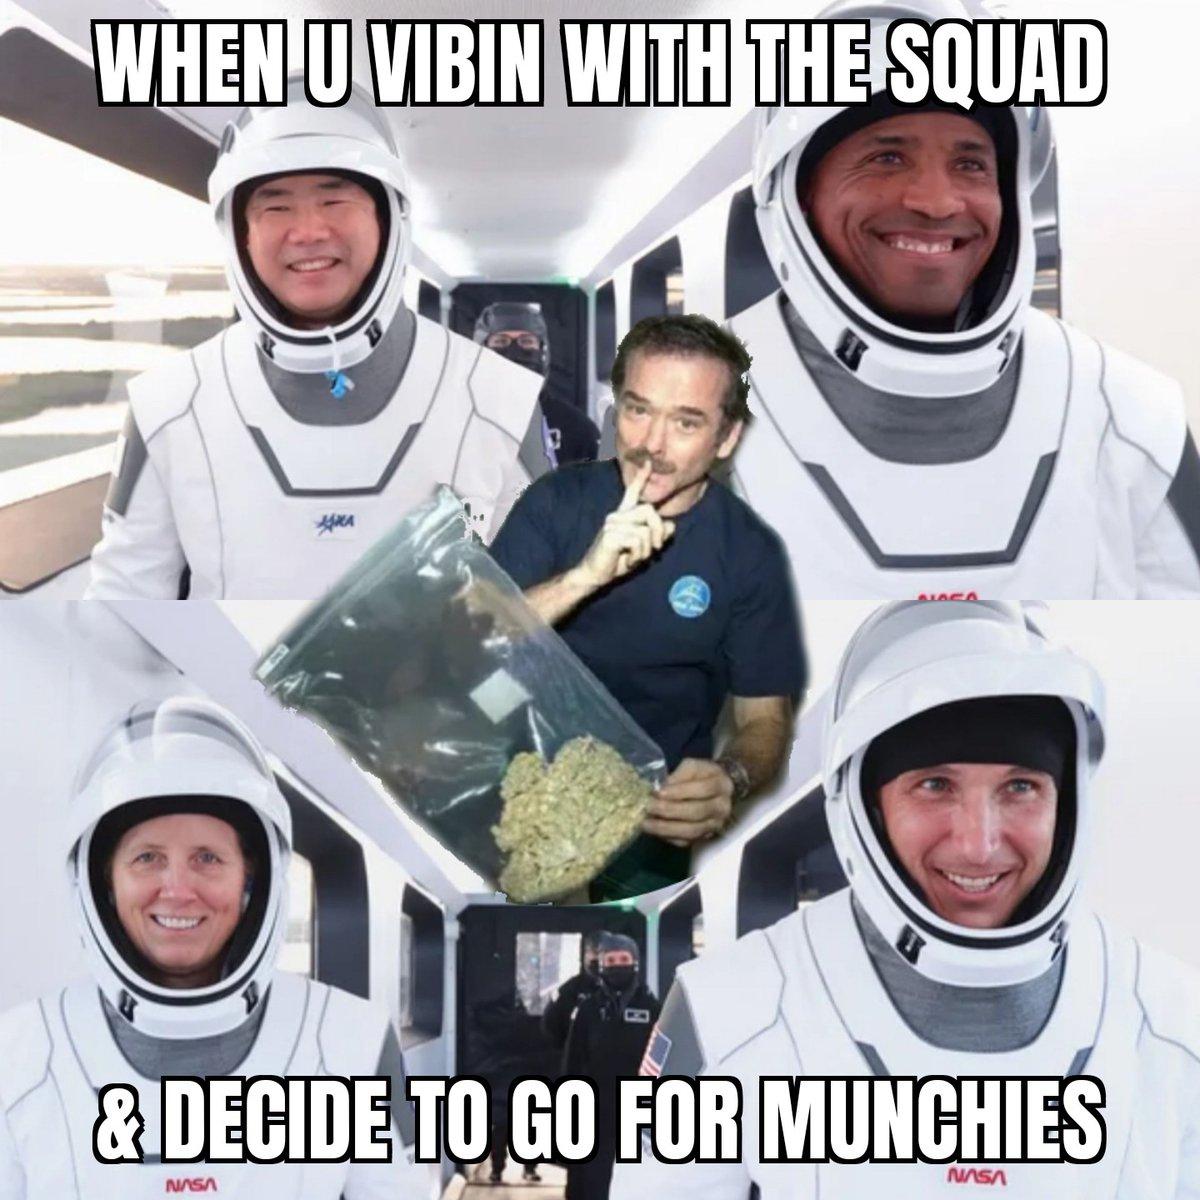 @NASA @elonmusk @SpaceX